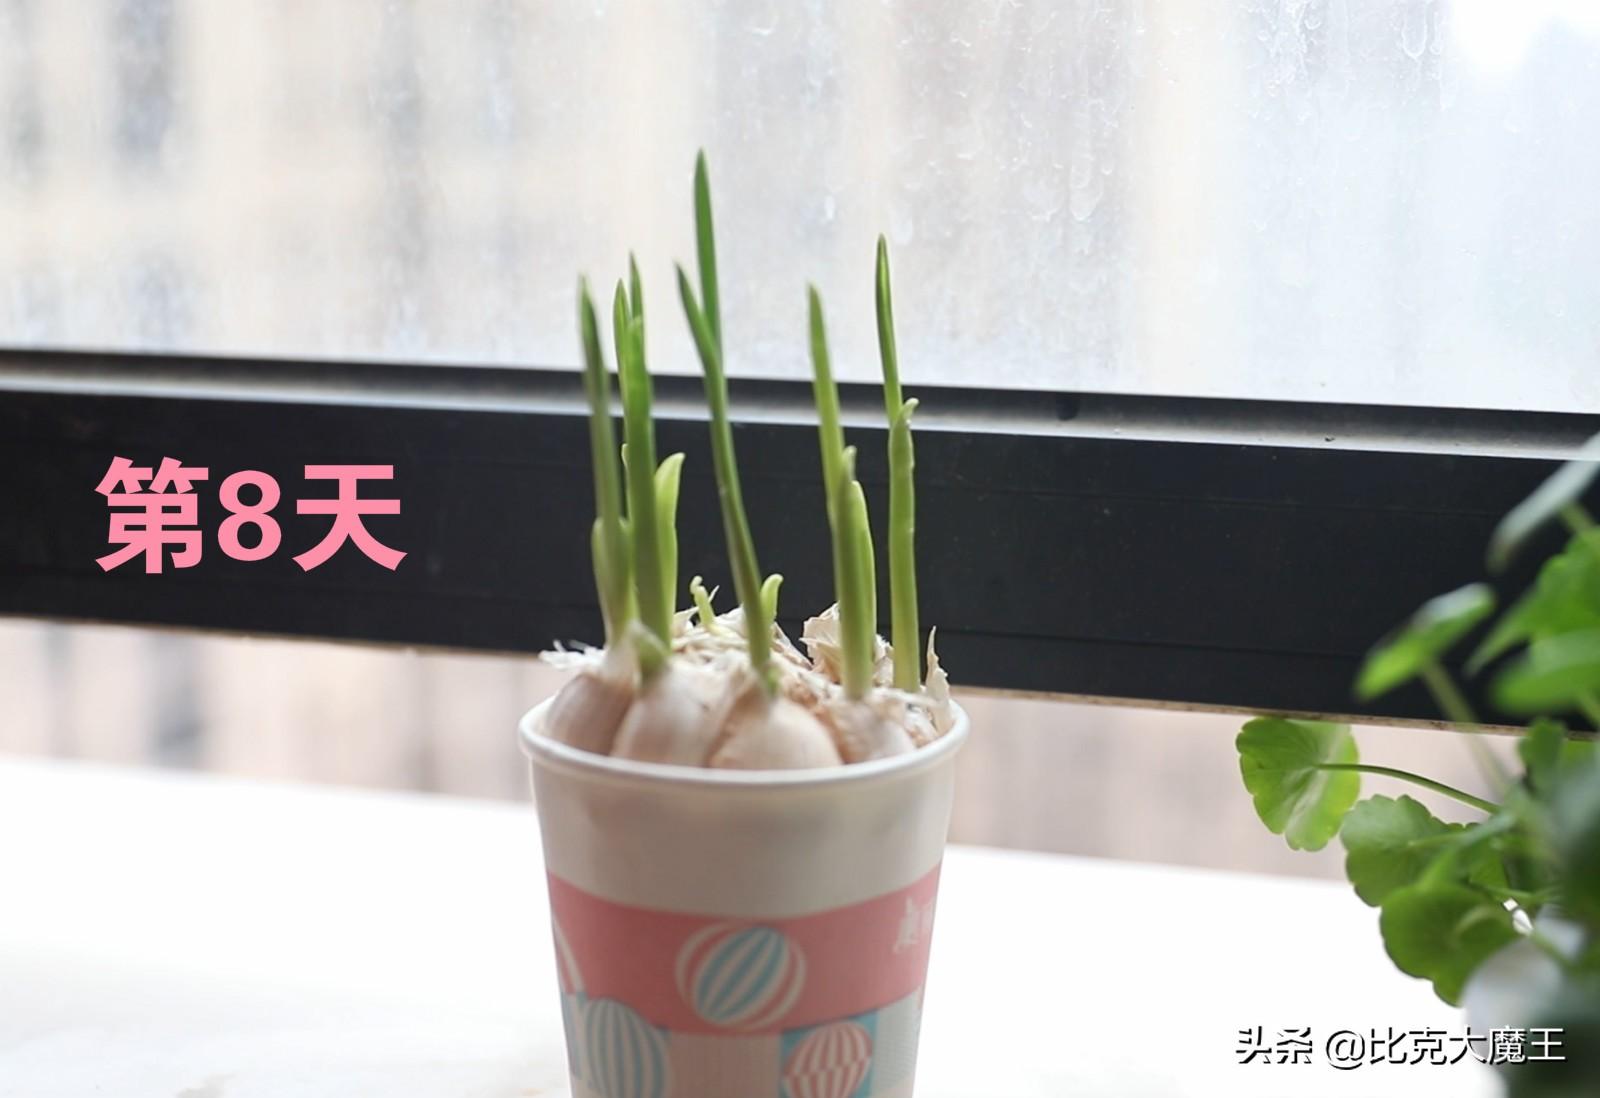 一次性纸杯里放一颗大蒜,摆在阳台作用太棒了,家里人都喜欢